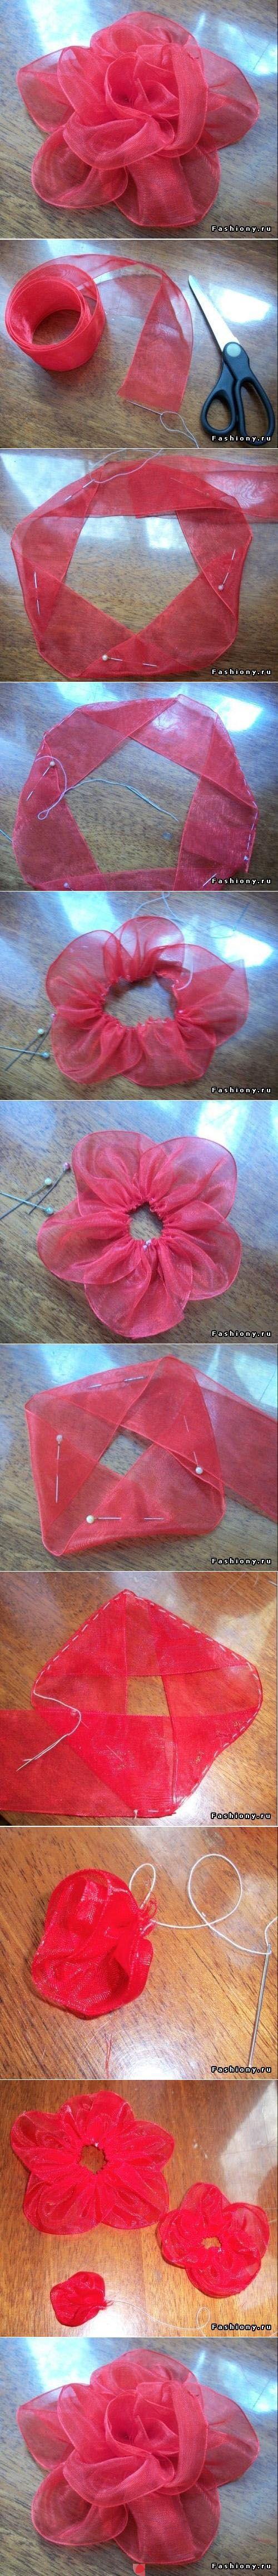 #Stoffblüte #ribbonflower